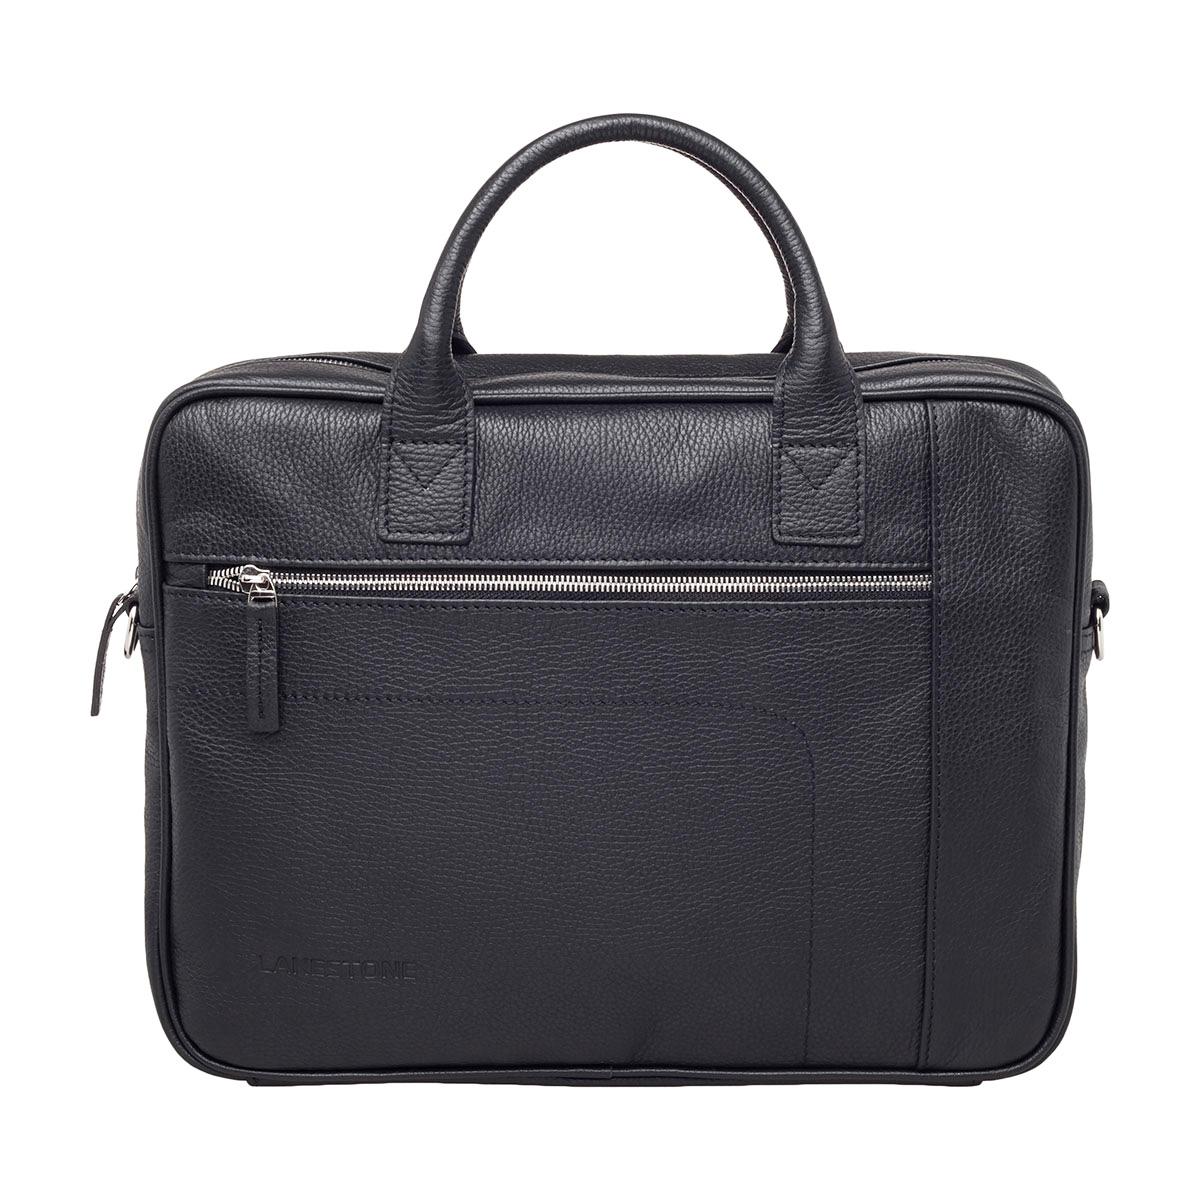 Кожаная деловая сумка для ноутбука Baxter Black фото